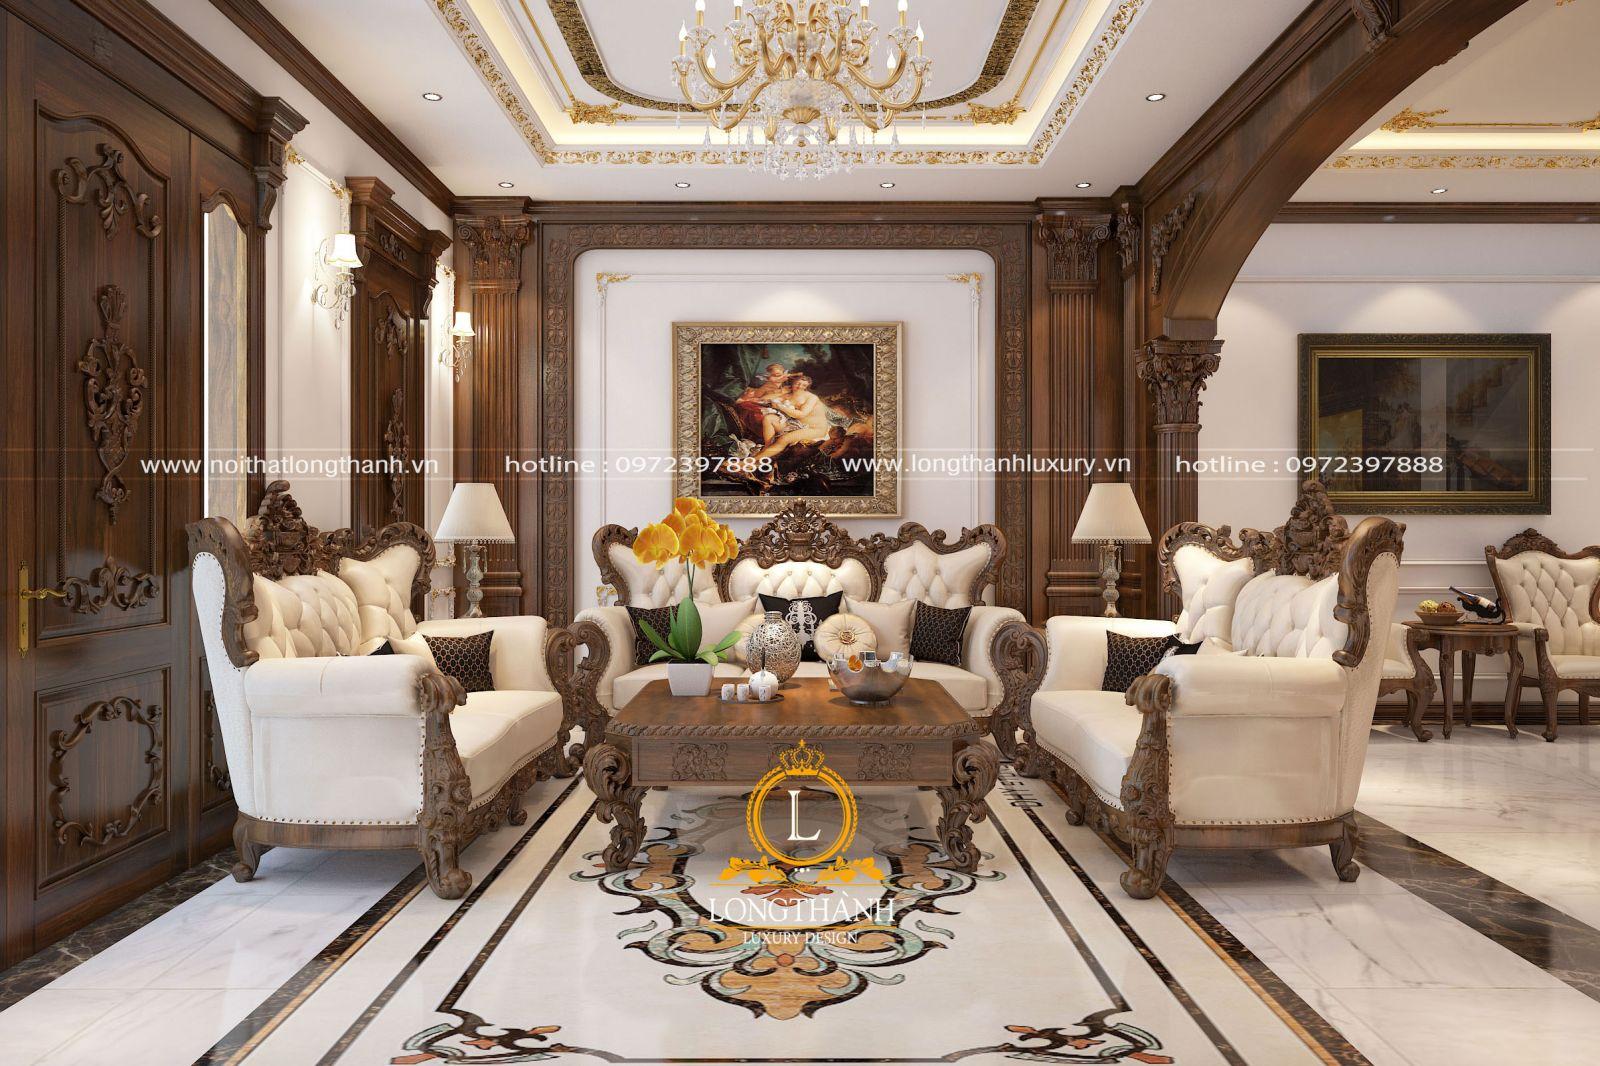 Thiết kế sofa tân cổ điển cho biệt thự cao cấp